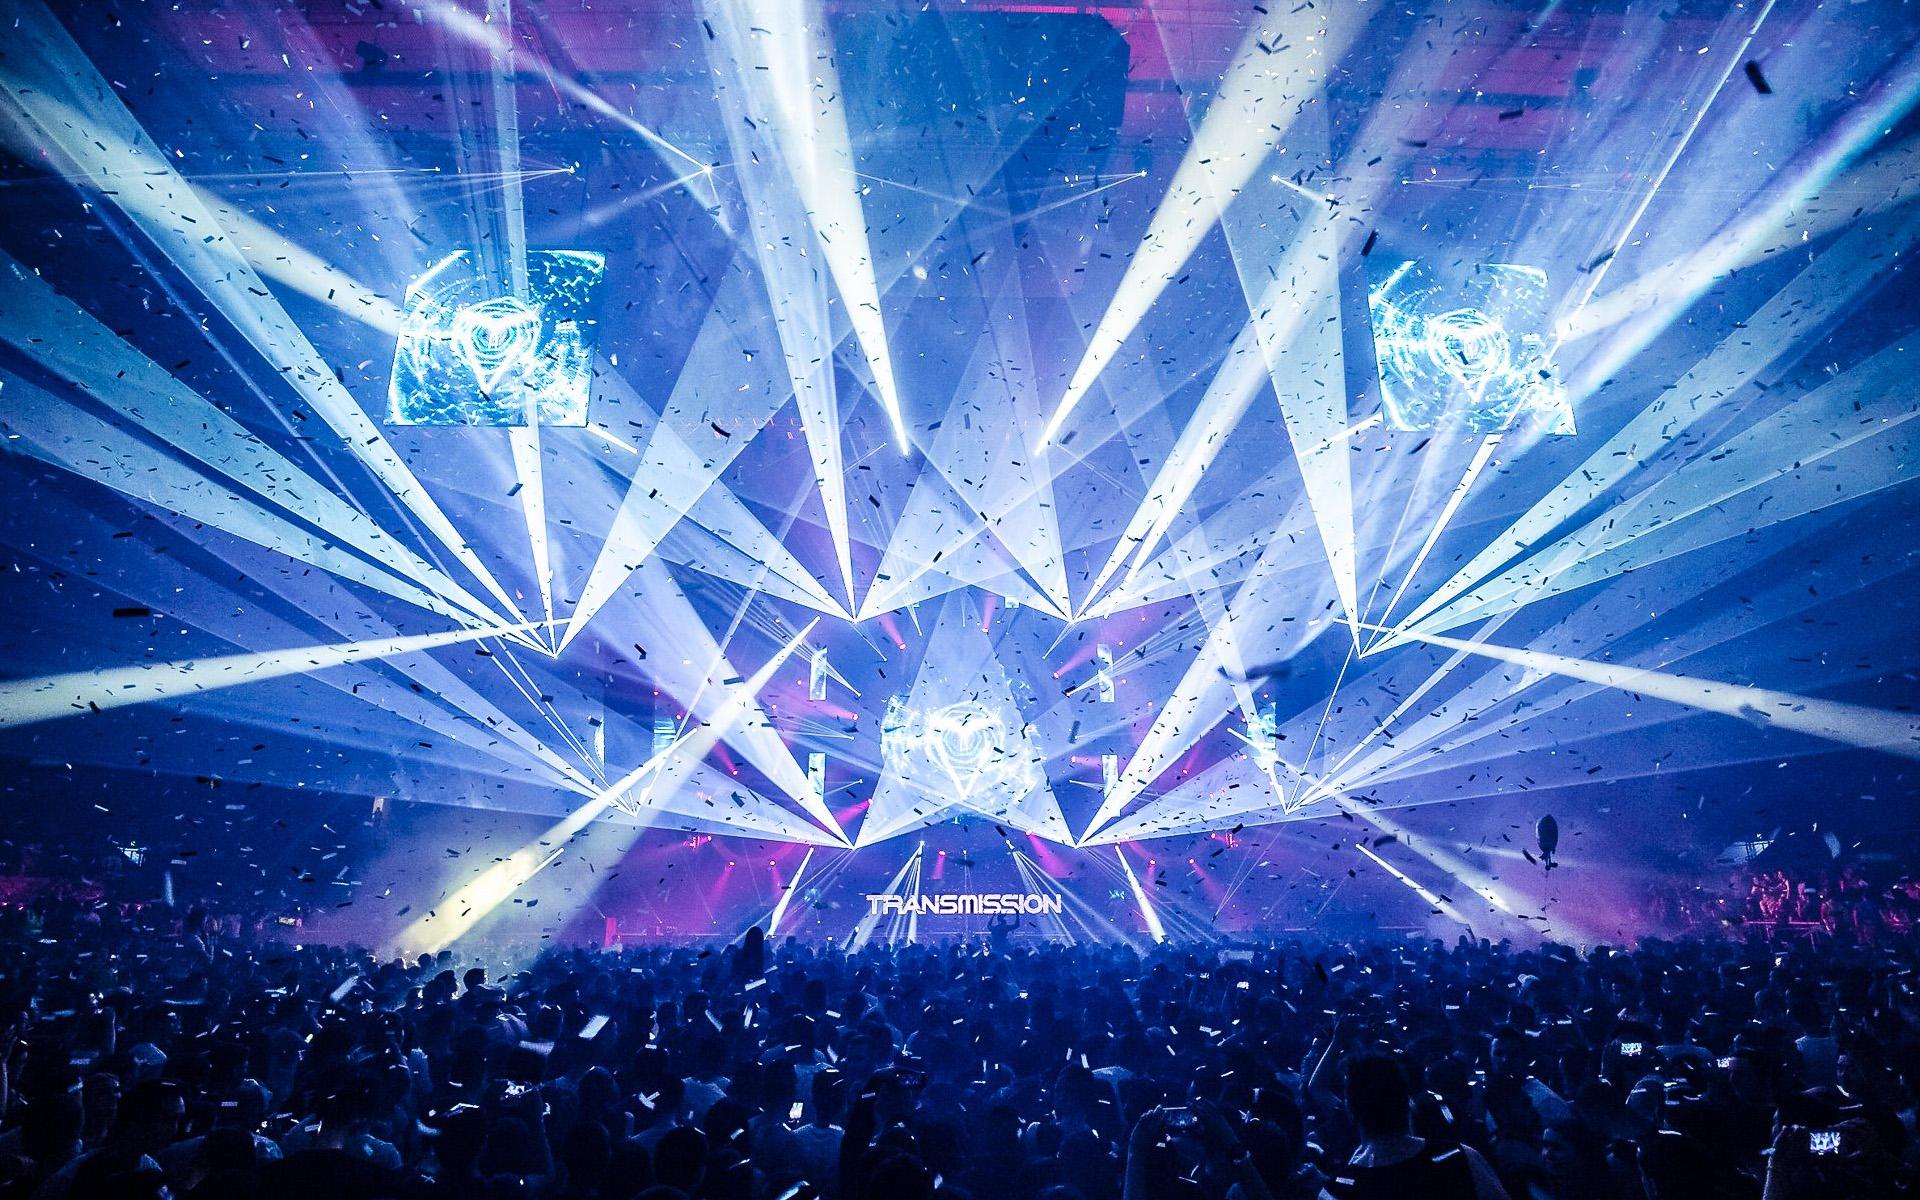 Transmission 2016 Melbourne lasers